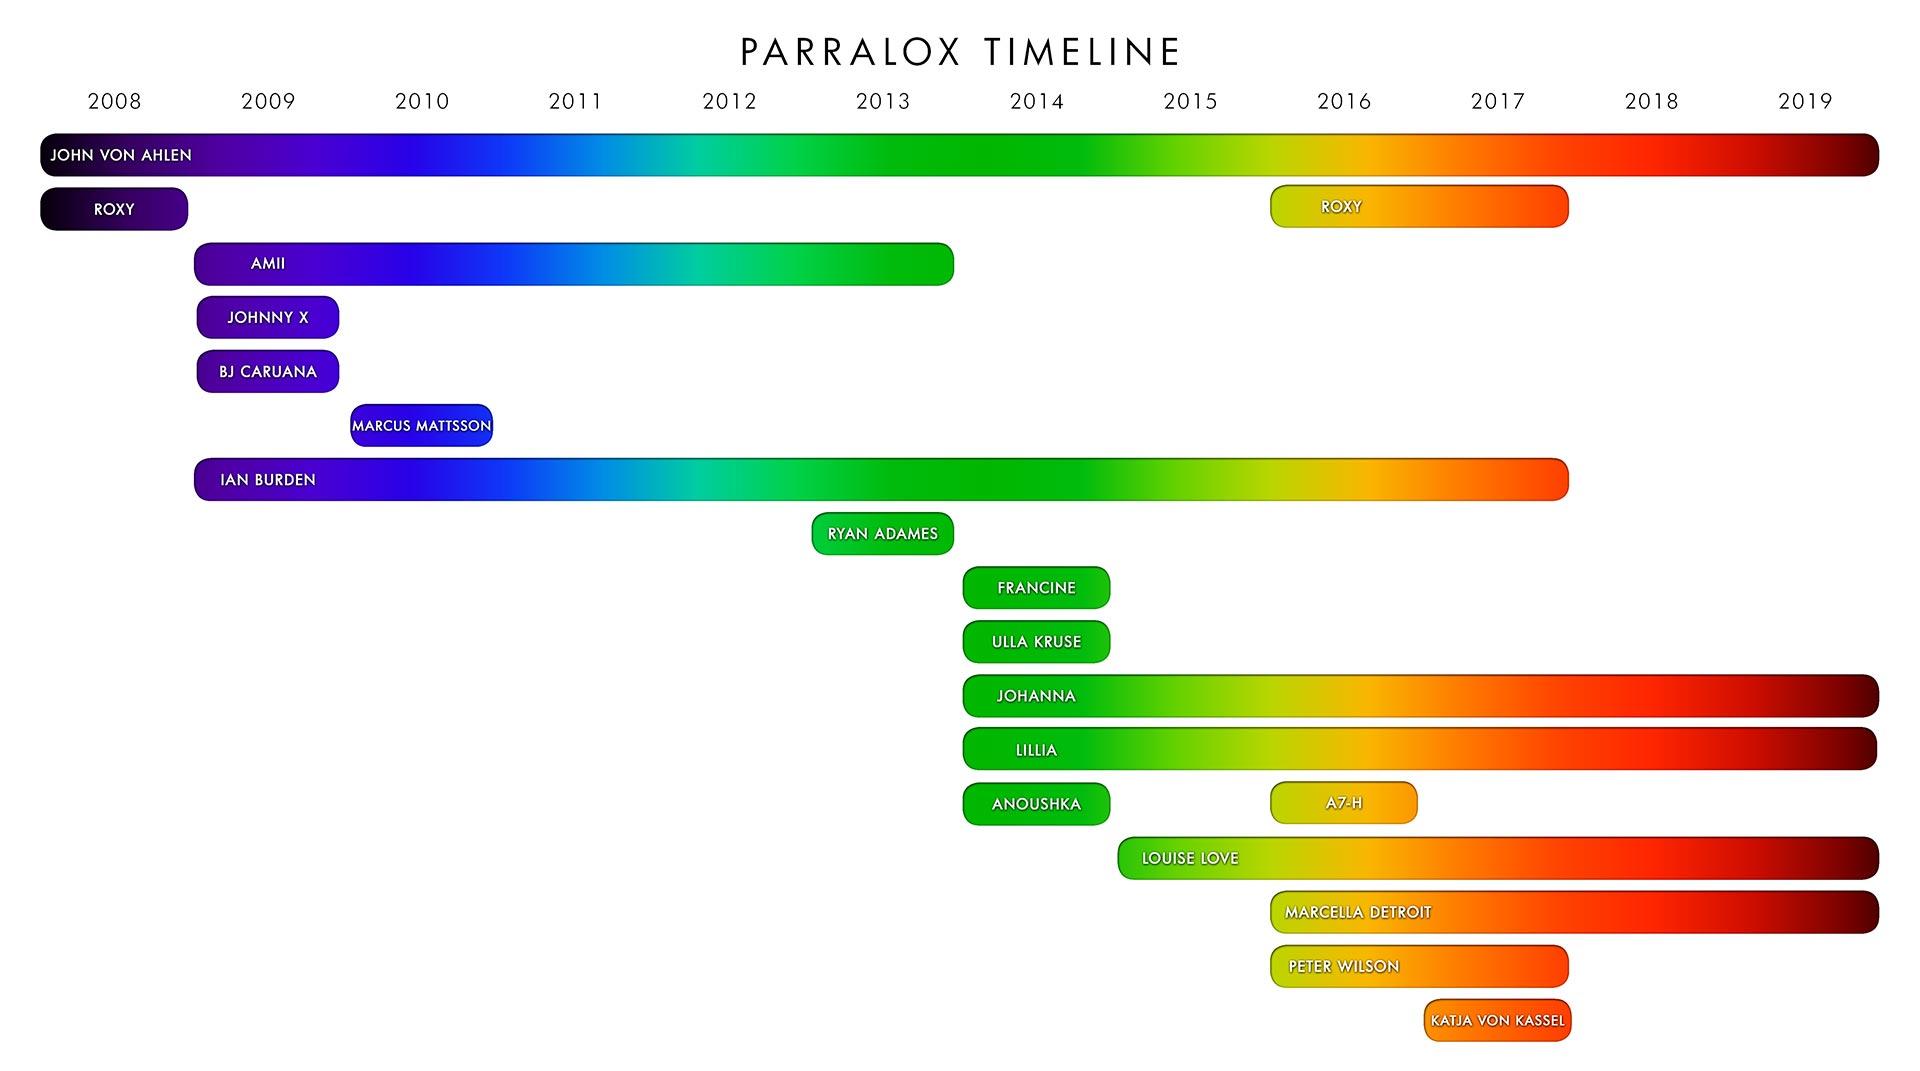 Parralox Timeline